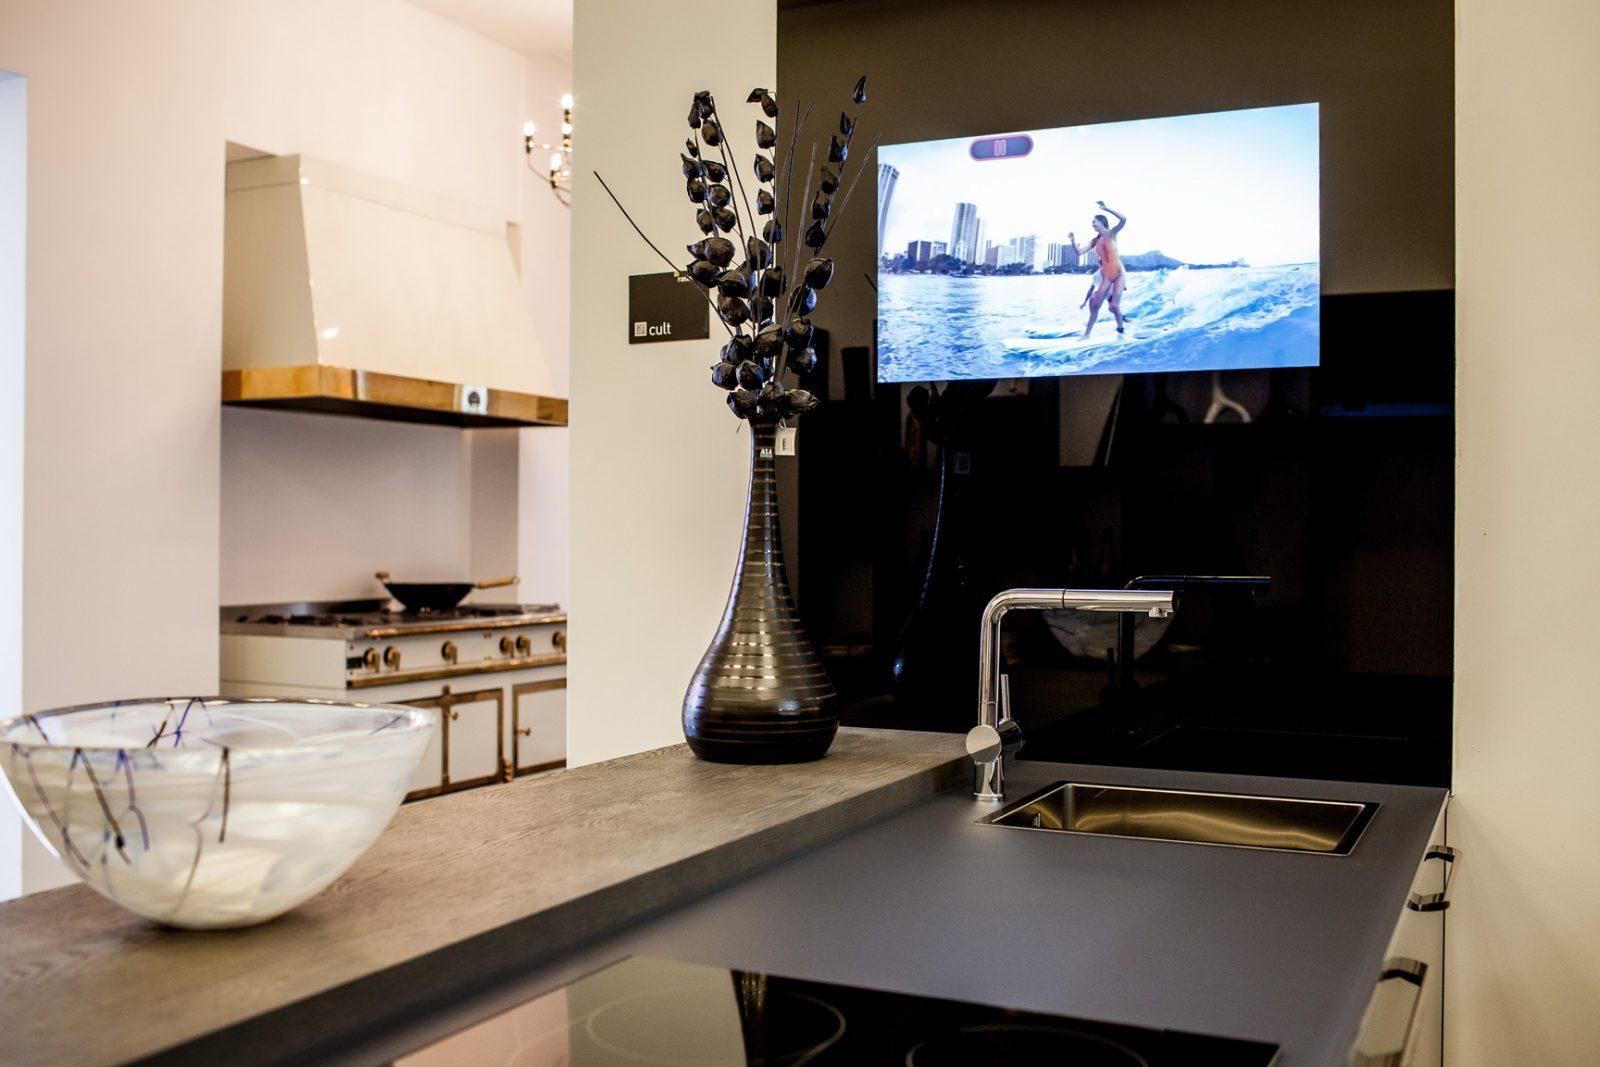 Эксклюзивное превращение бассейна в эффективный мультимедийный центр отдыха